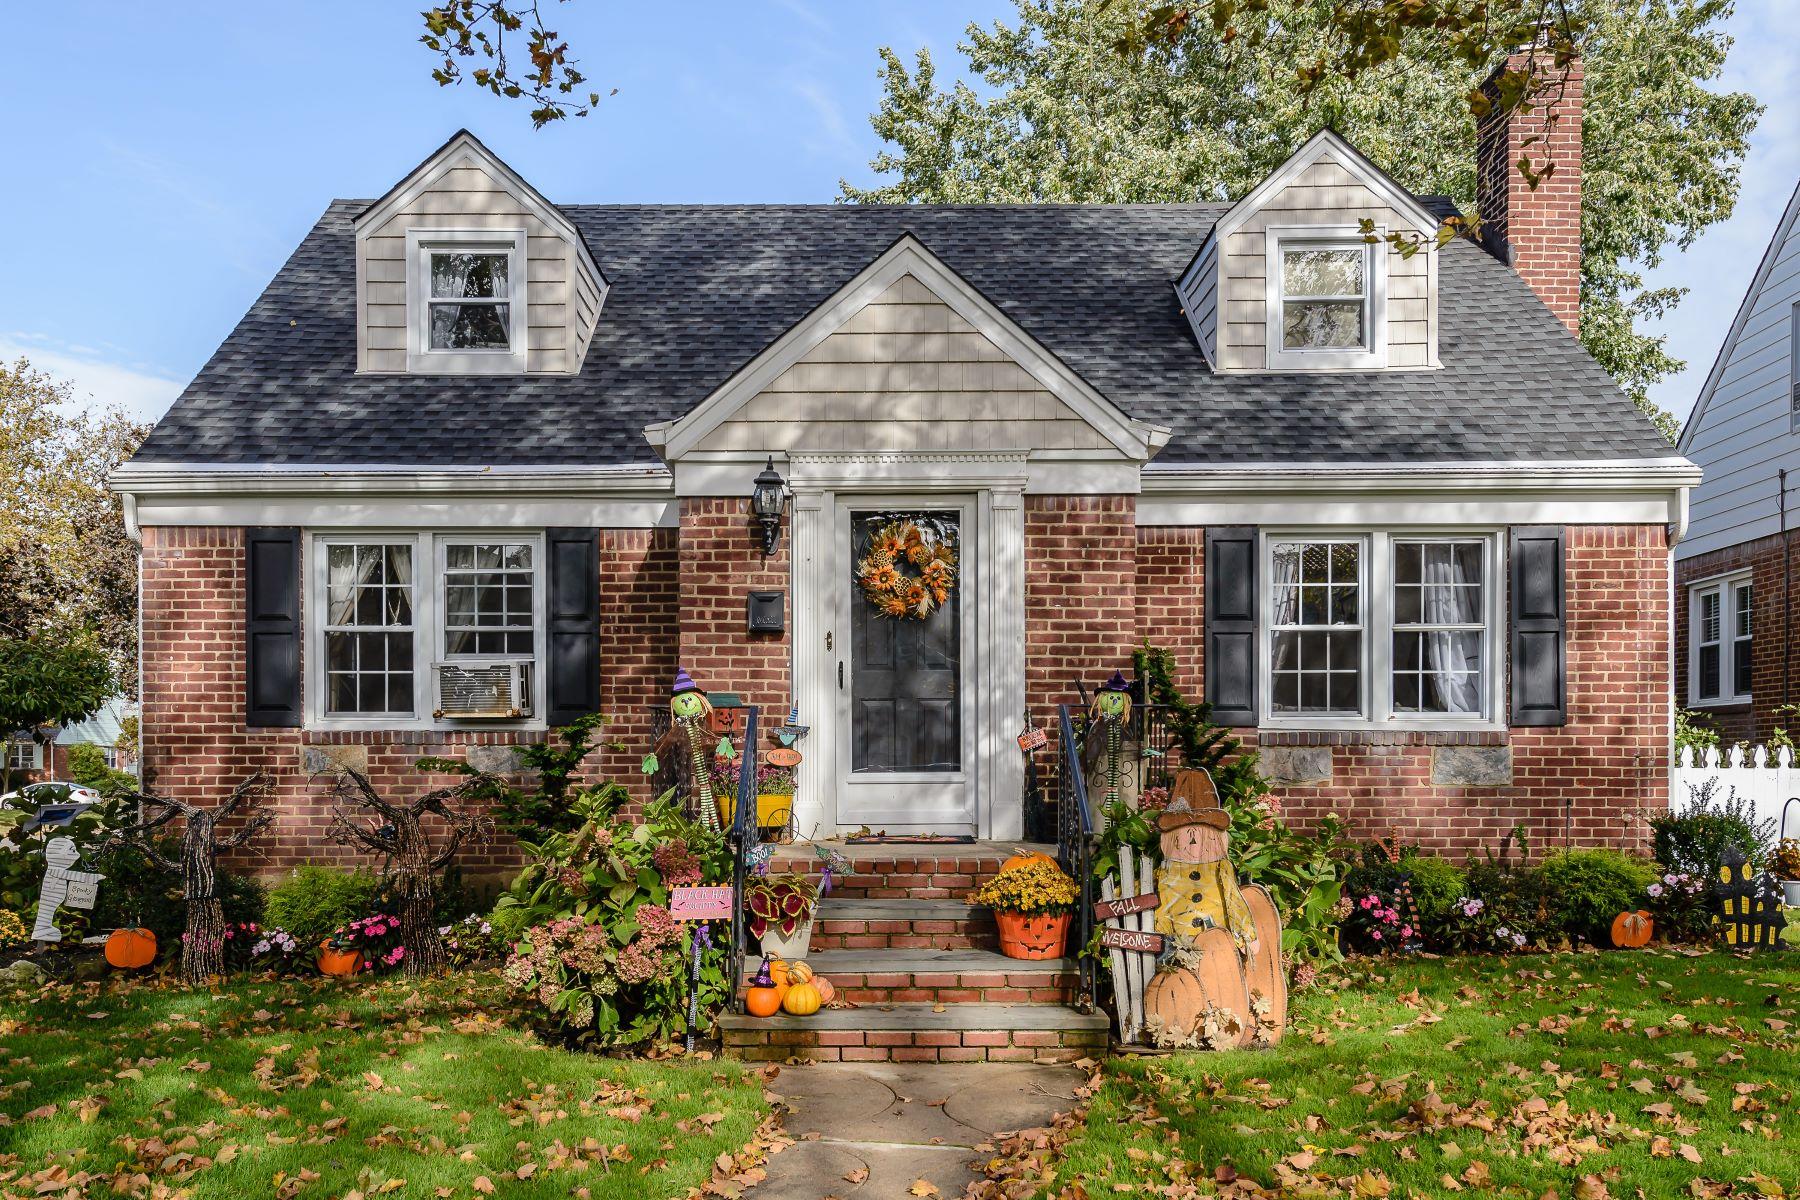 独户住宅 为 销售 在 96 Sperry Blvd , New Hyde Park, NY 11040 96 Sperry Blvd, 新海德公园, 纽约州, 11040 美国